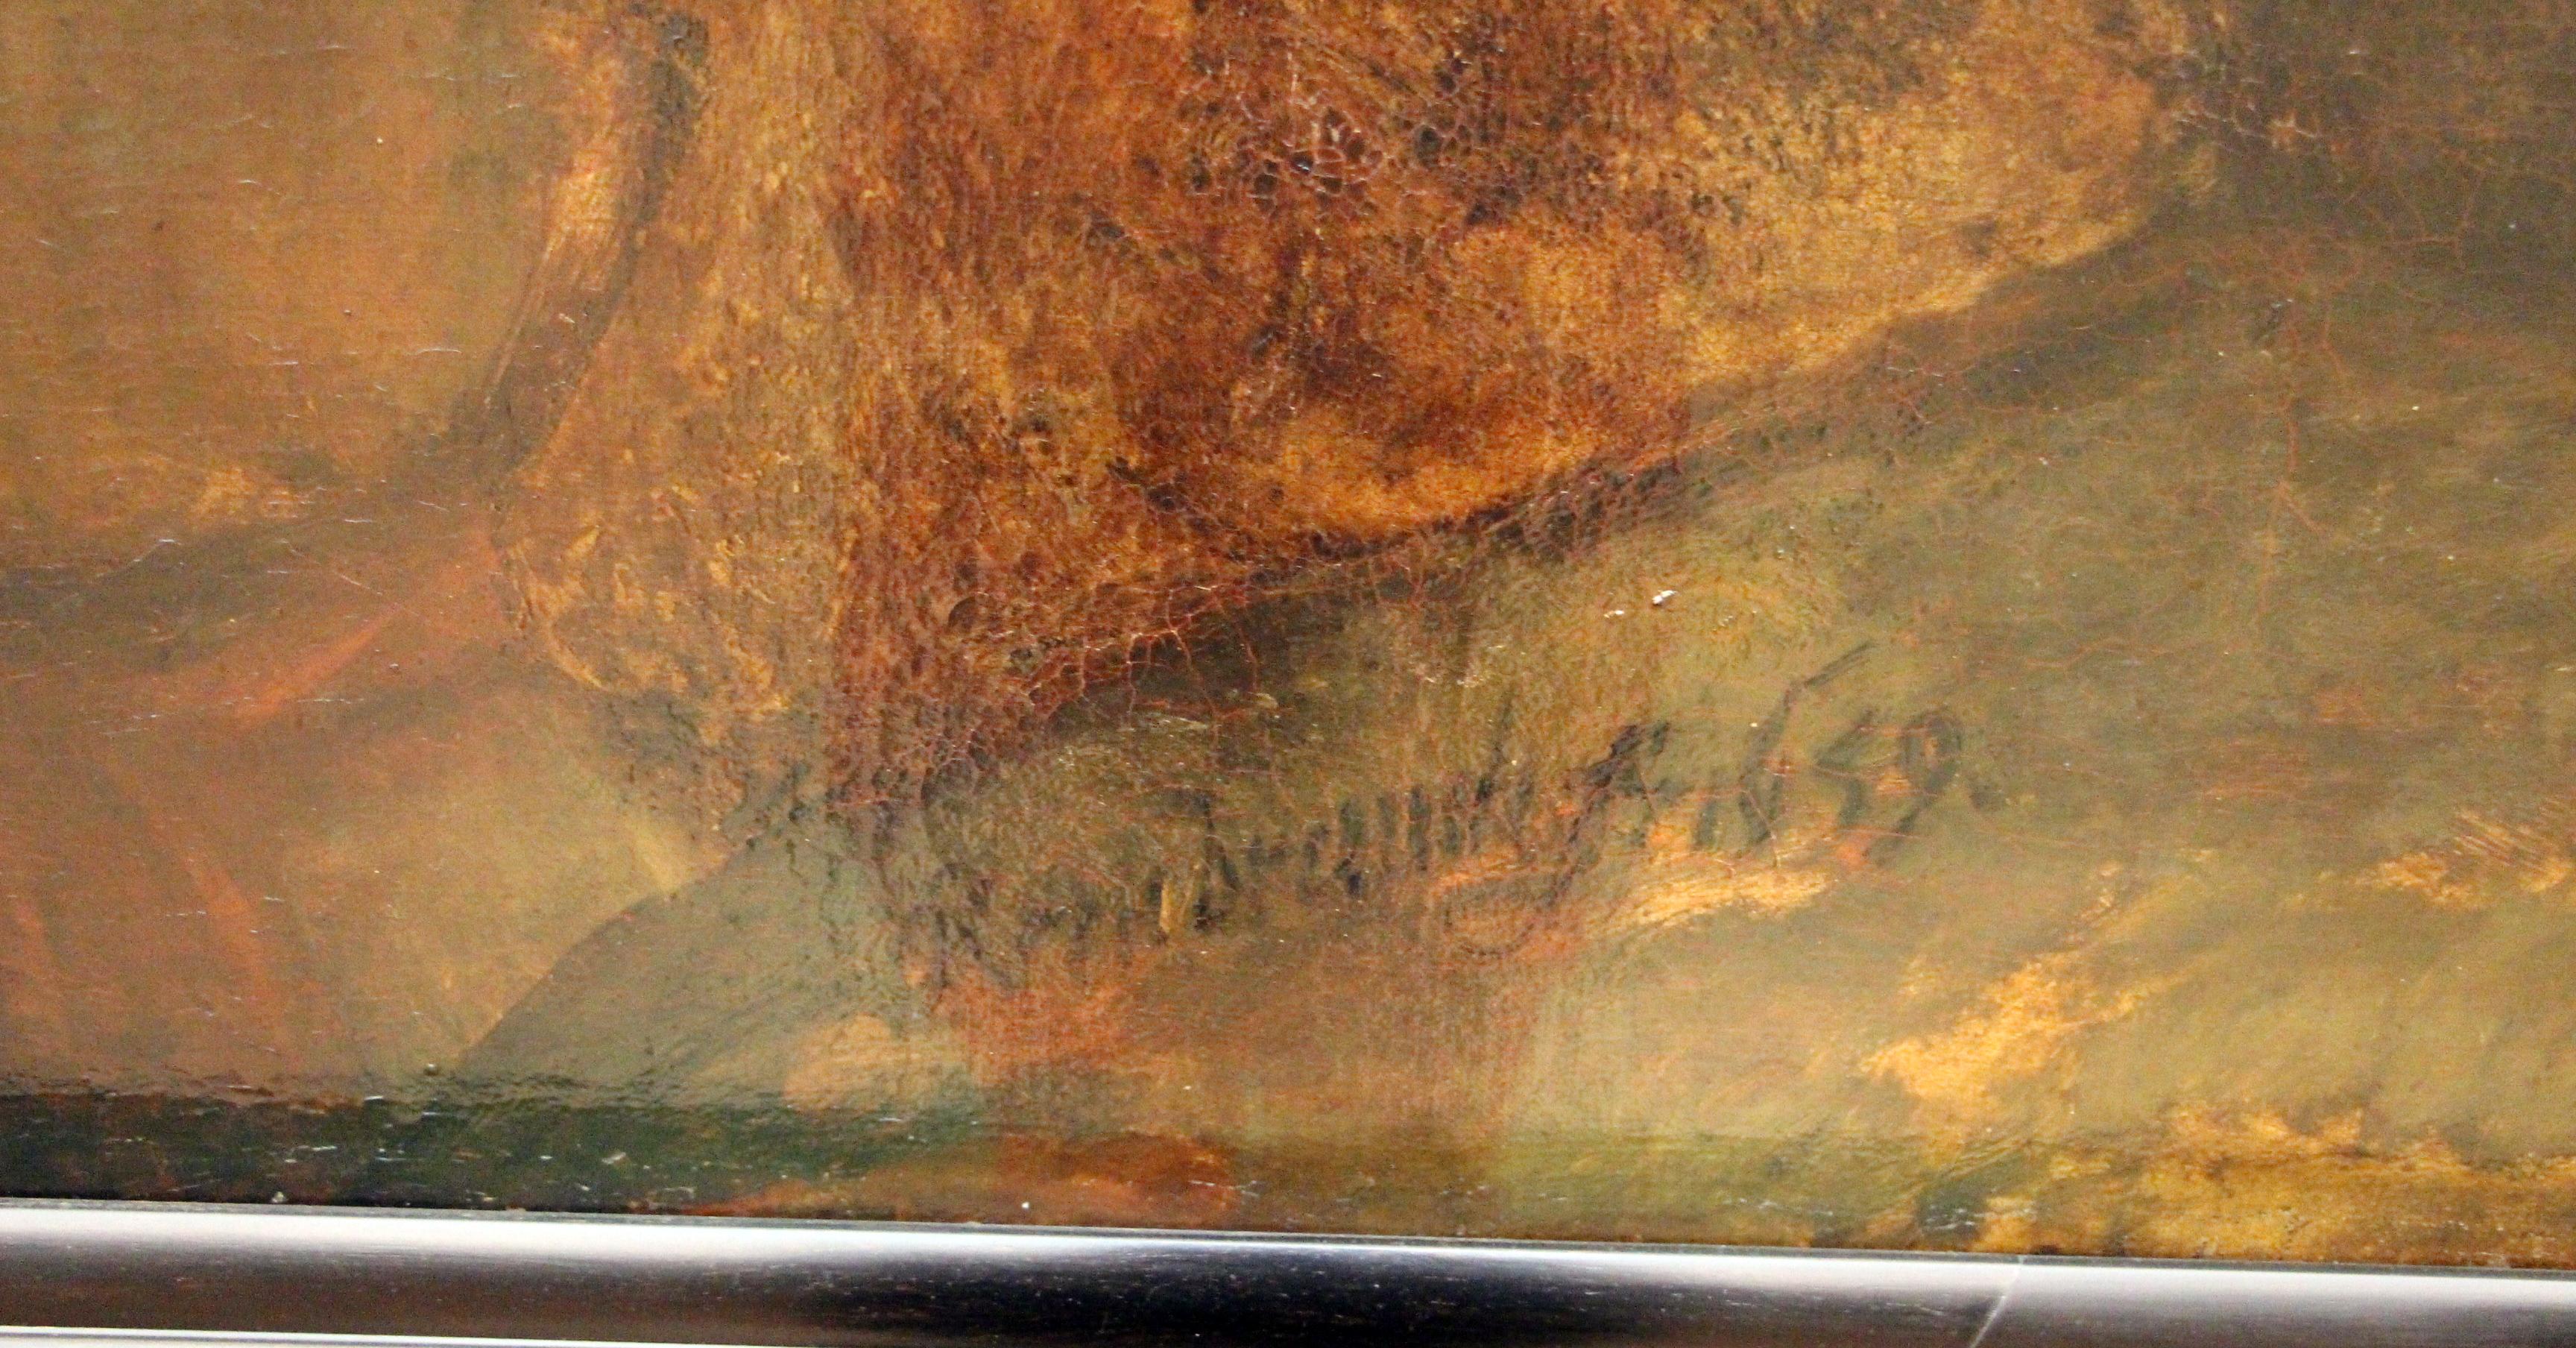 File rembrandt mos distrugge le tavole della legge 1659 - Le tavole della legge ...